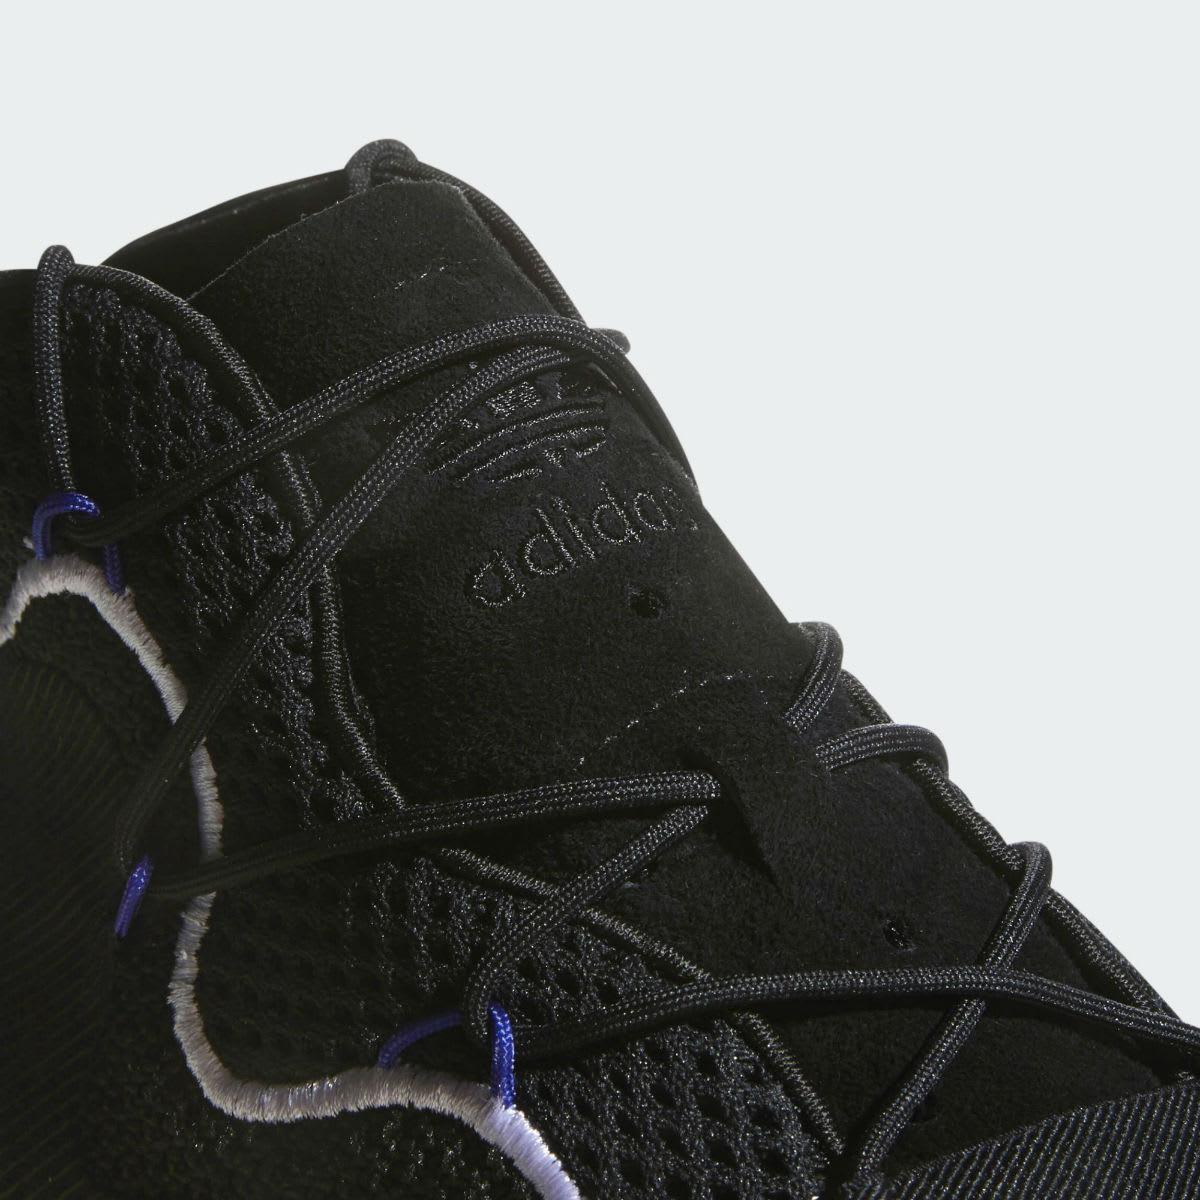 Adidas Crazy 1 BYW LVL 1